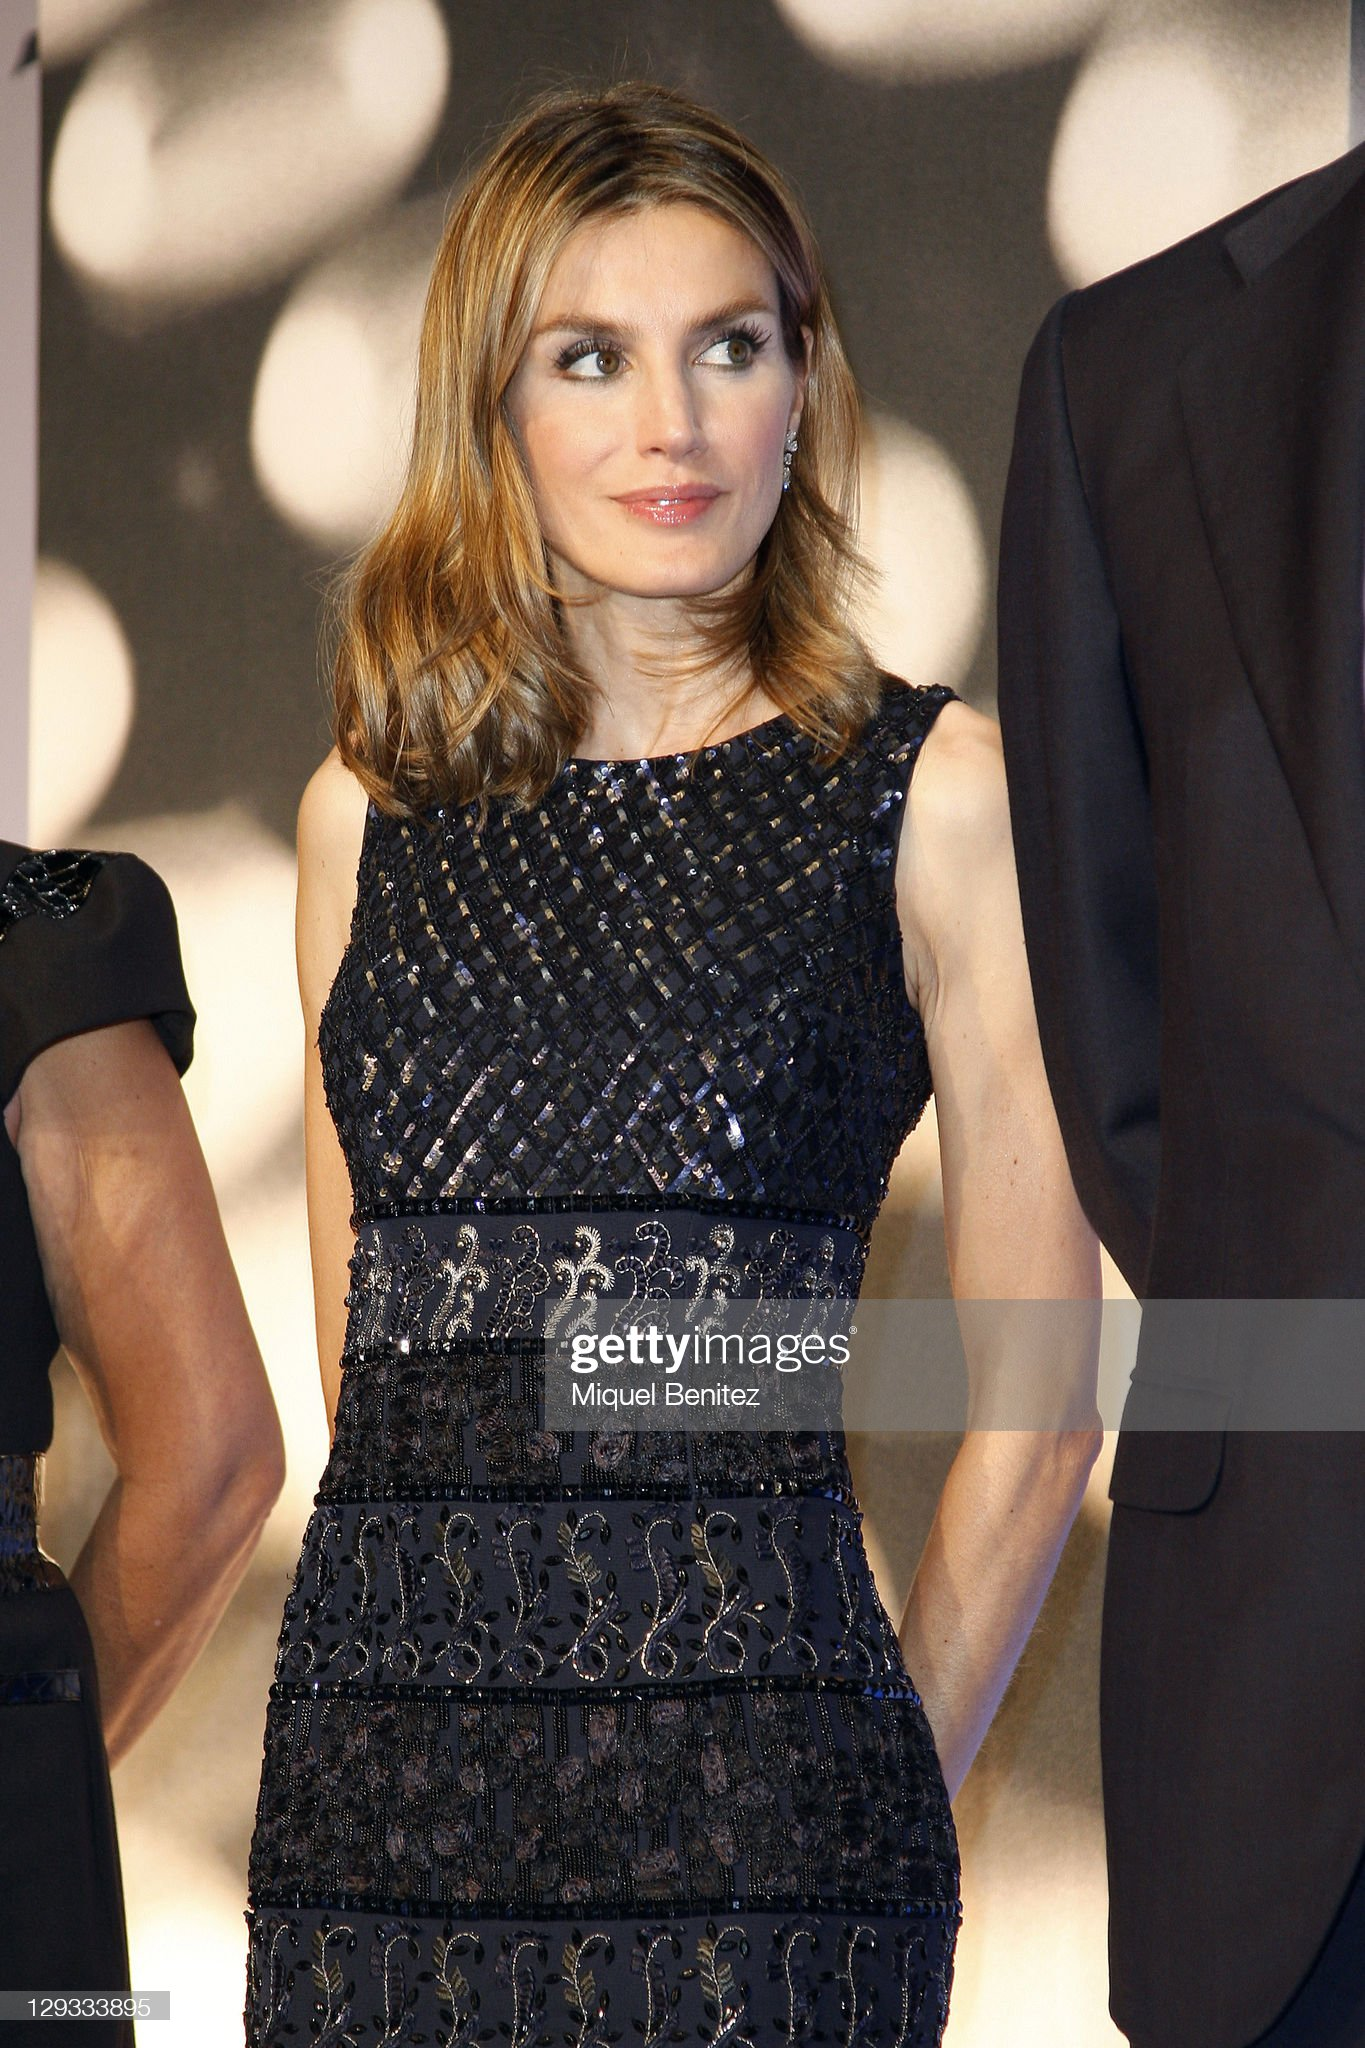 Вечерние наряды Королевы Летиции Planeta Awards 2011 : News Photo